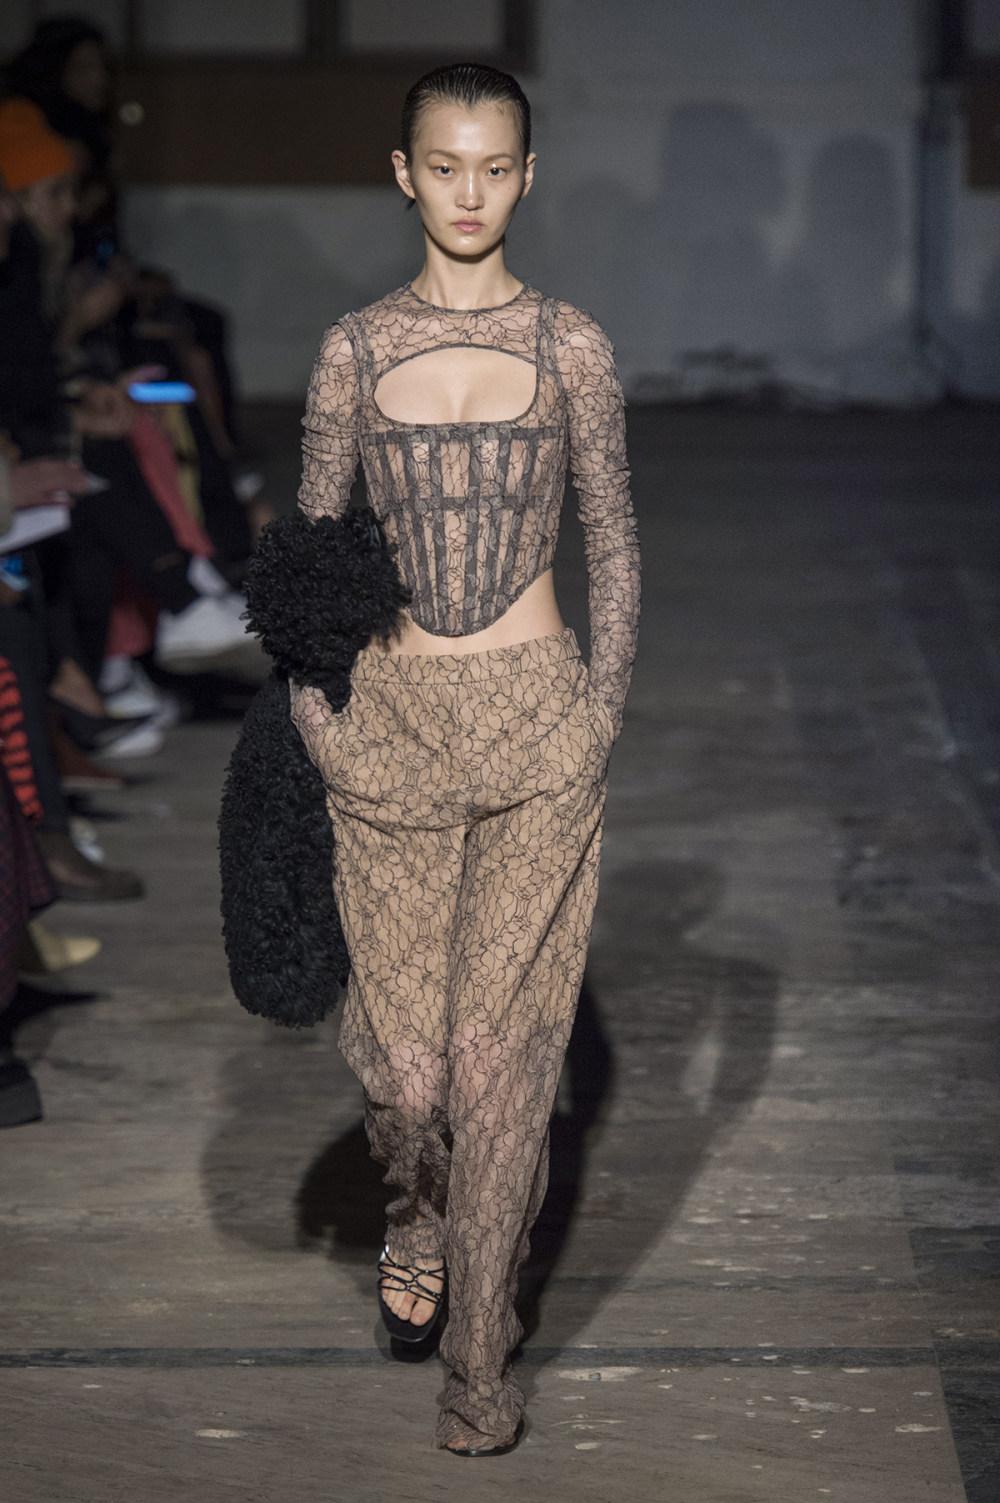 Dion Lee没有紧身衣的连衣裙被聚集或扭曲保持调色板的简约和奢华-37.jpg